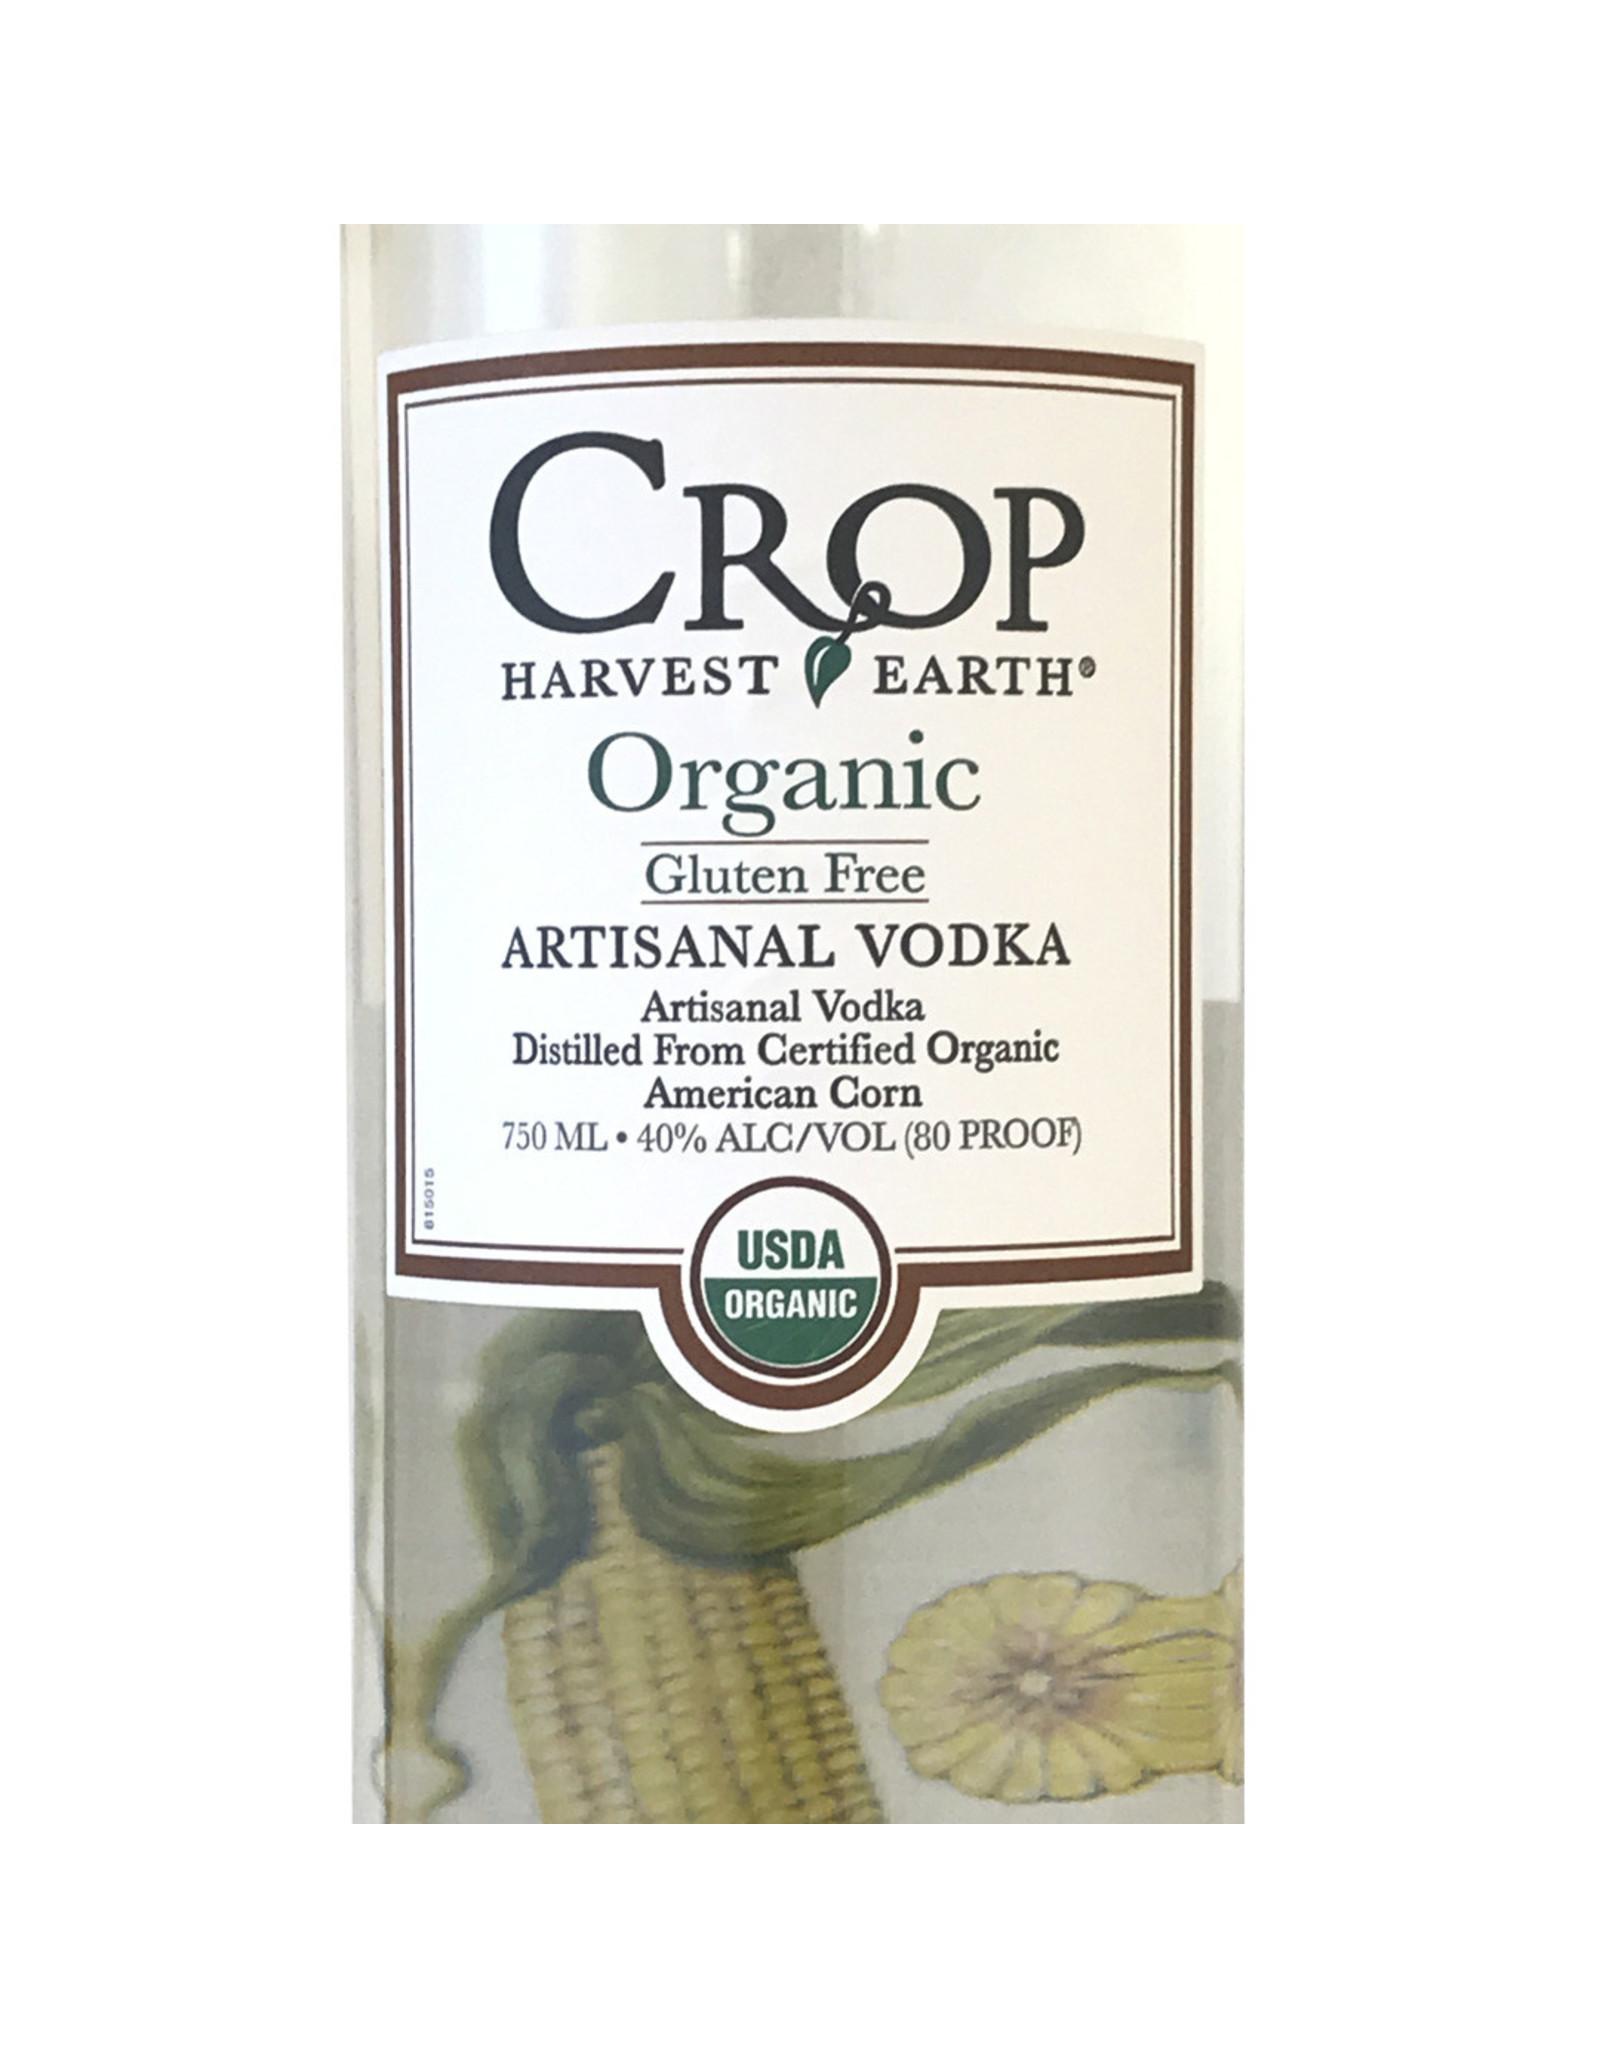 Crop Artisanal Organic Vodka